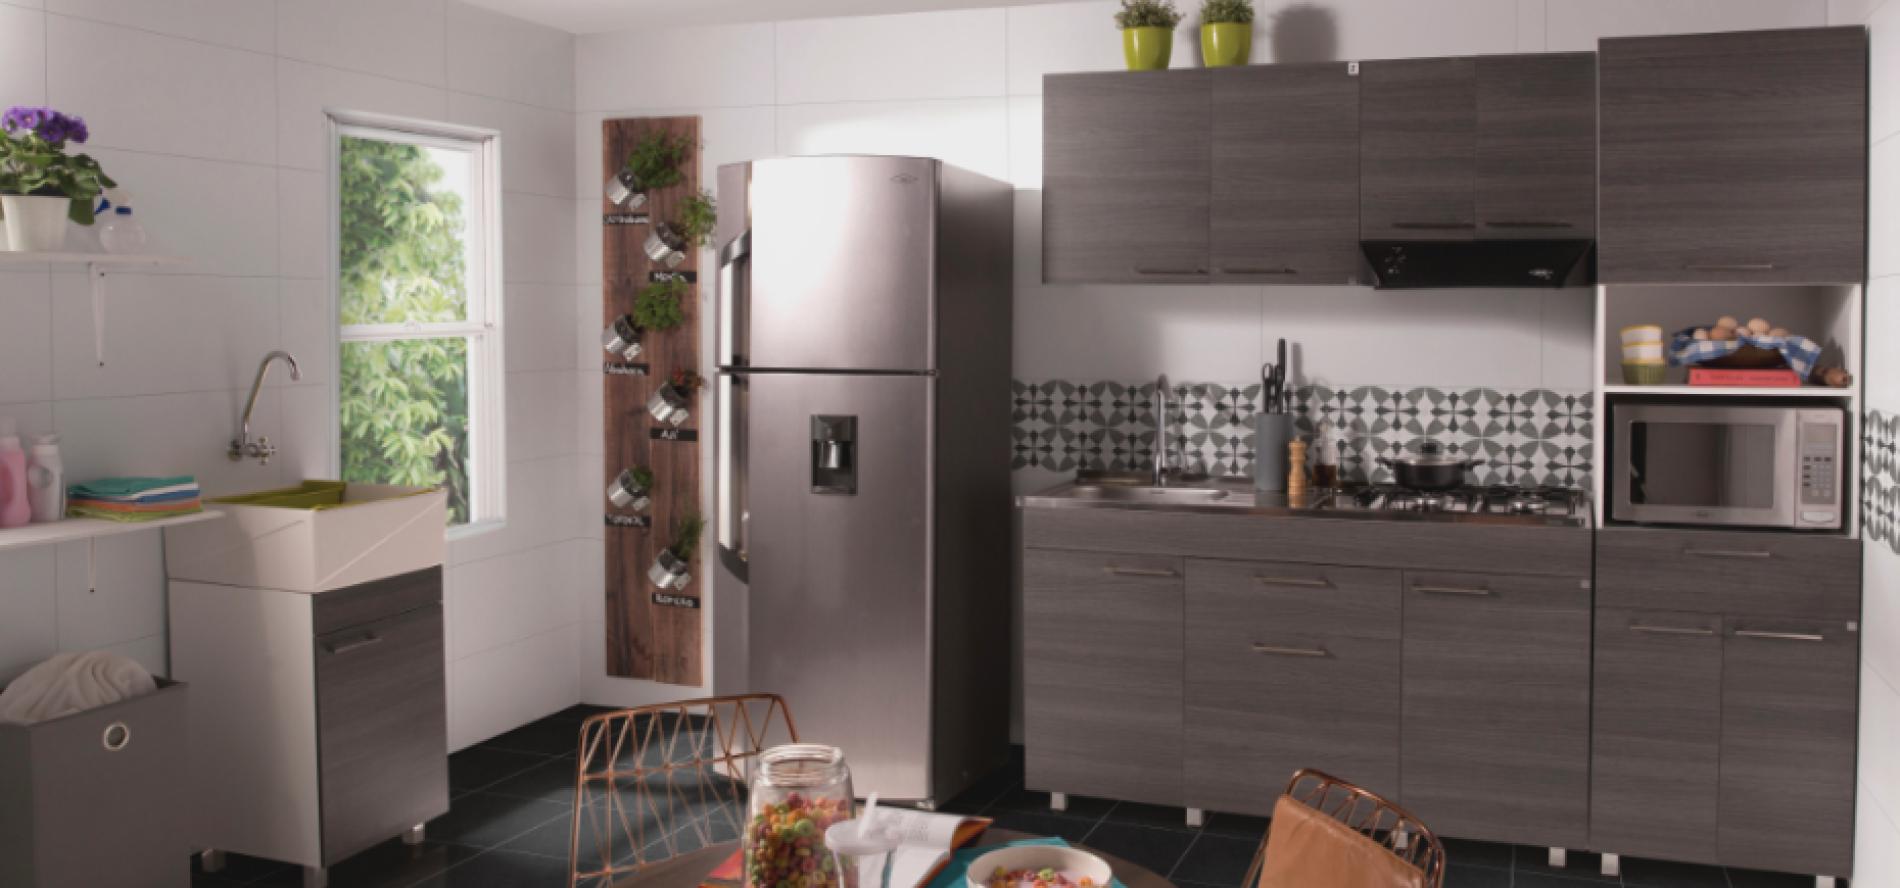 Corona lanza nuevo portafolio de cocinas y lavaderos for Diseno lavadero